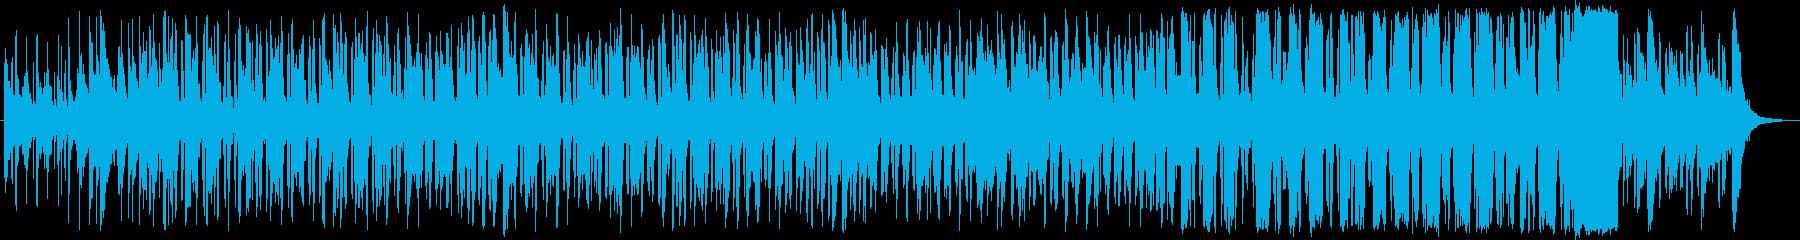 華やかで気持ち高まるパワフルな音楽の再生済みの波形